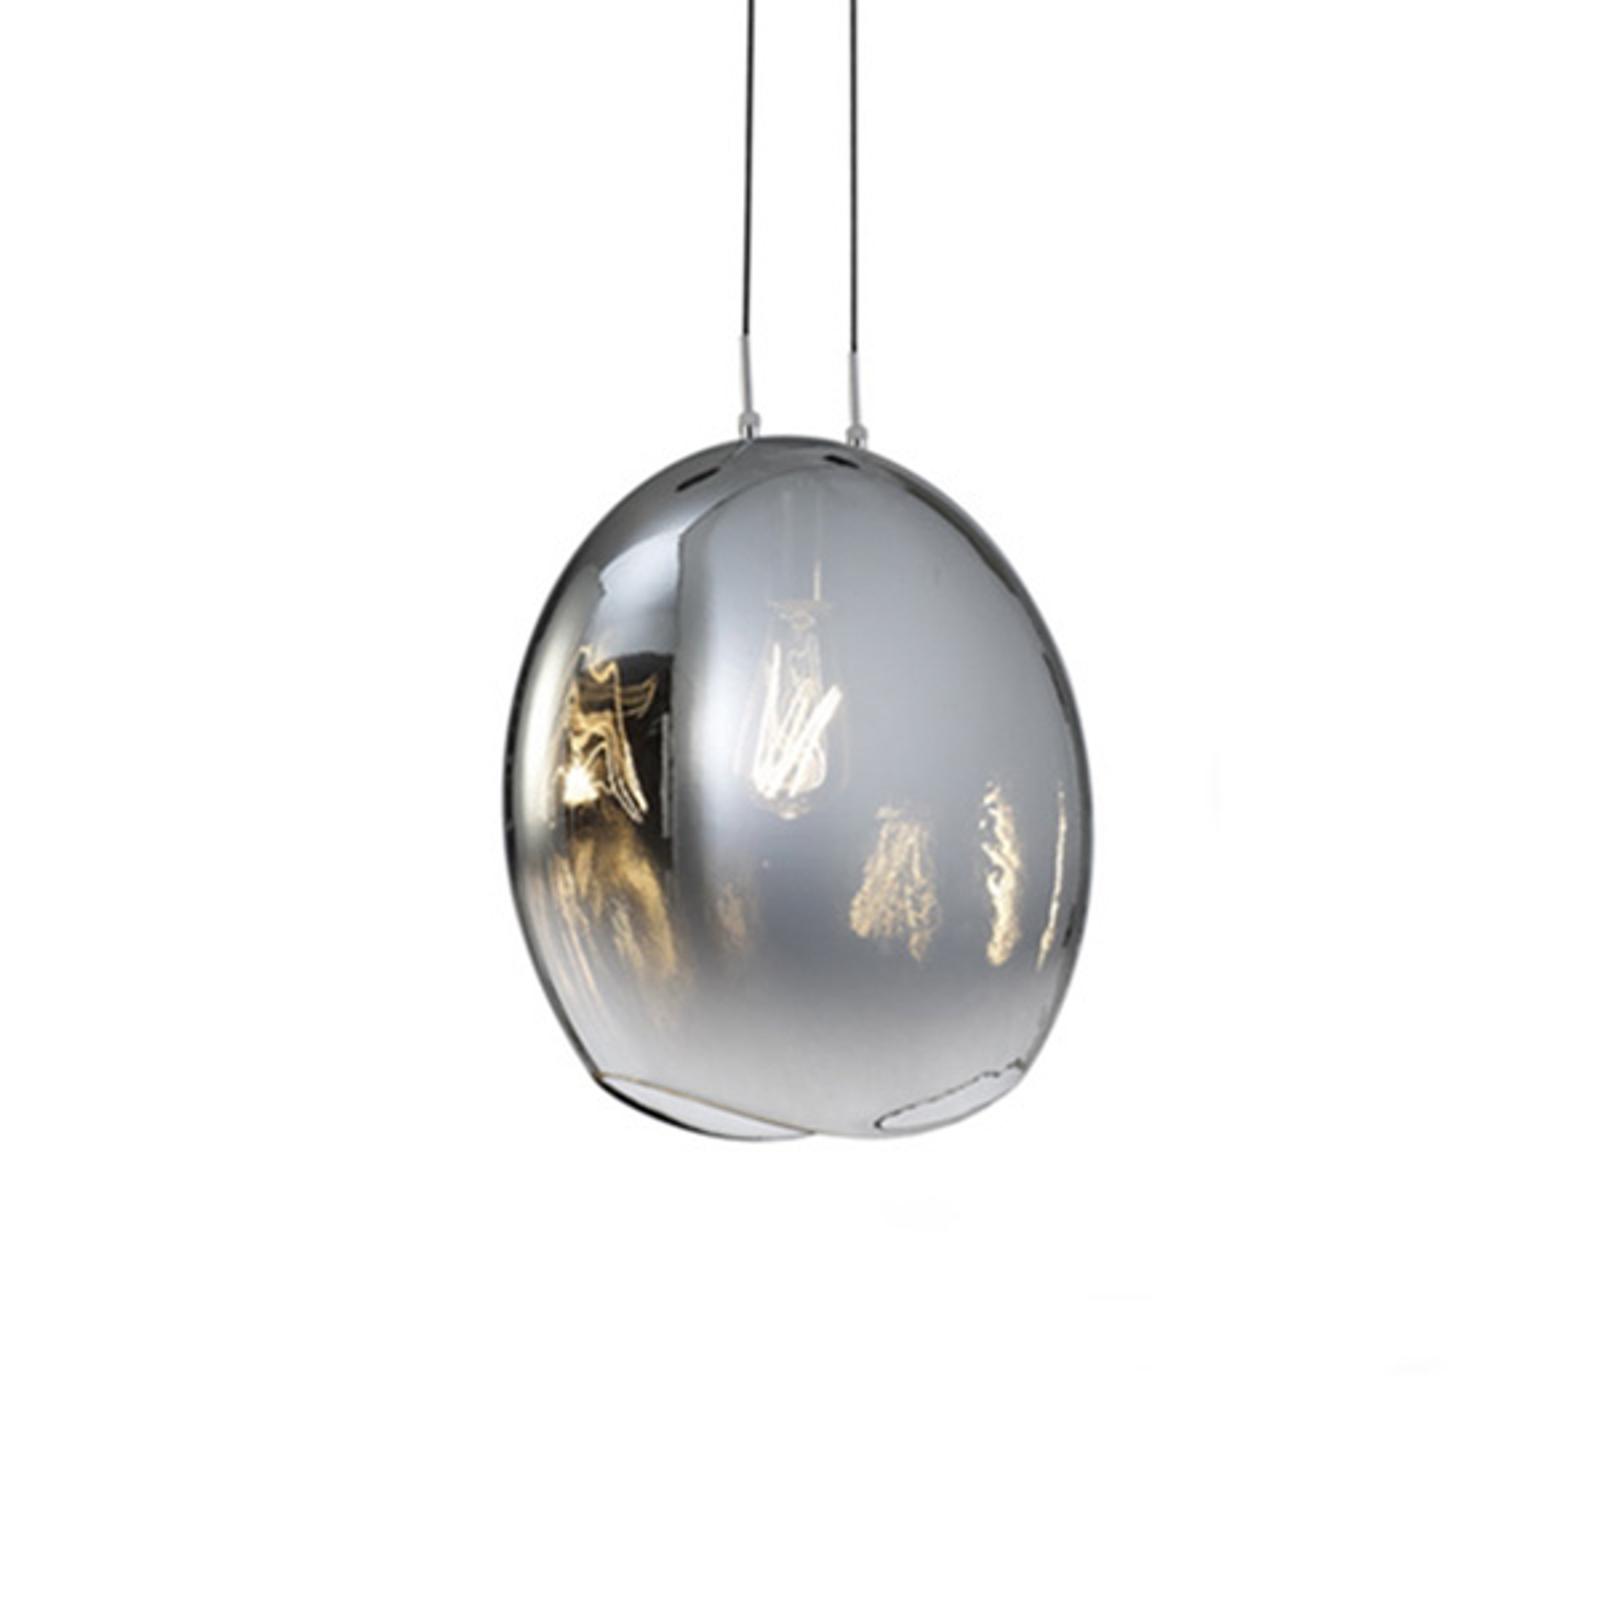 Hanglamp lens 40 cm